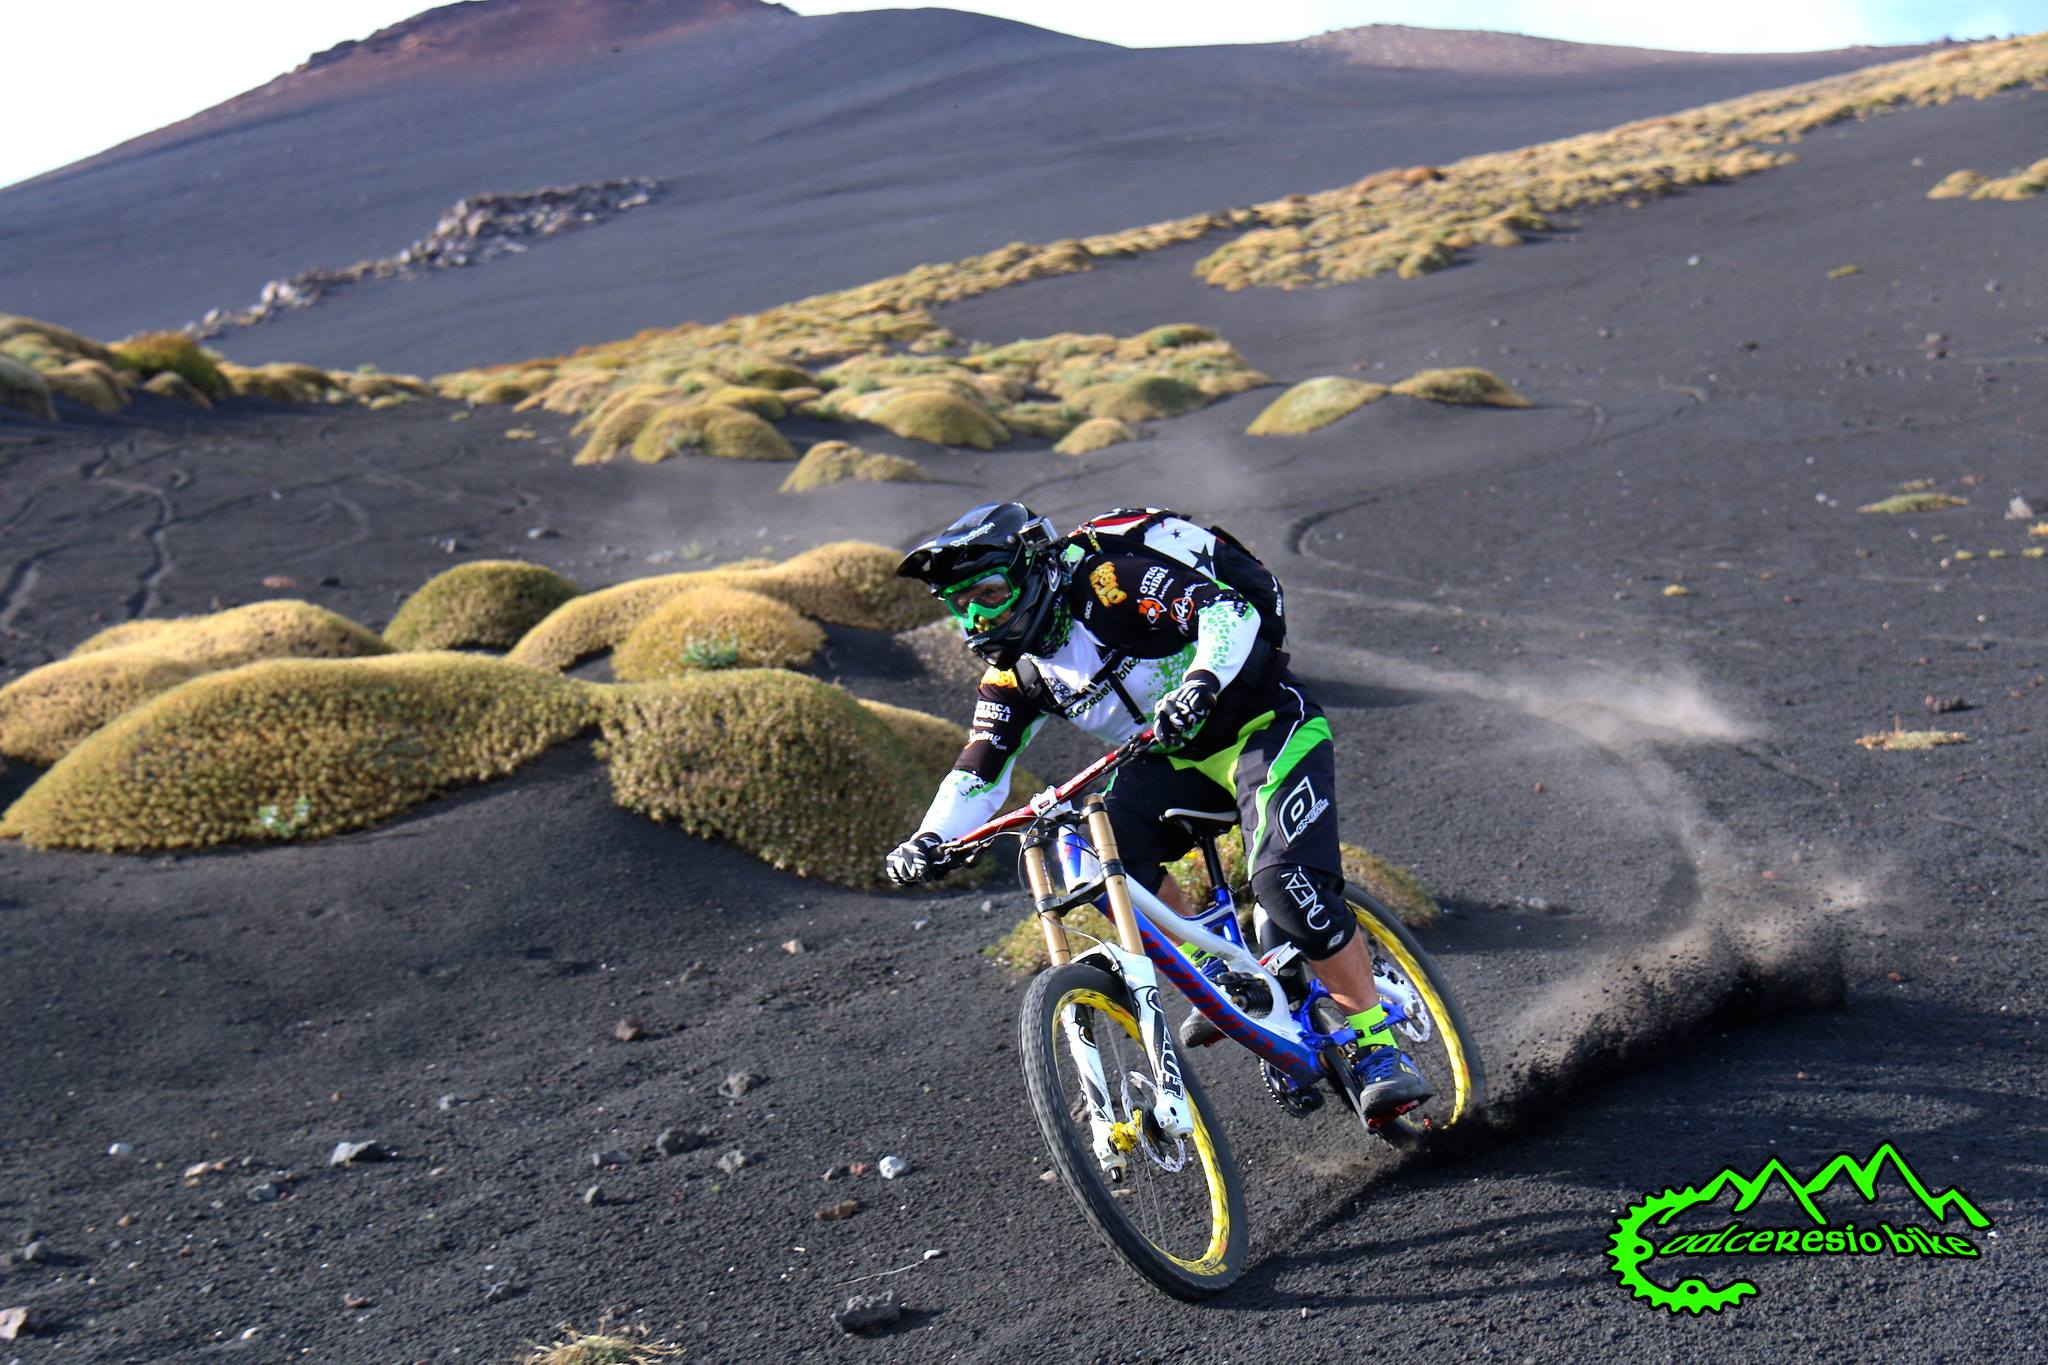 Una discesa spettacolare quella dell'Etna, che il gruppo Valceresio bike ha scelto di effettuare lo scorso ottobre.